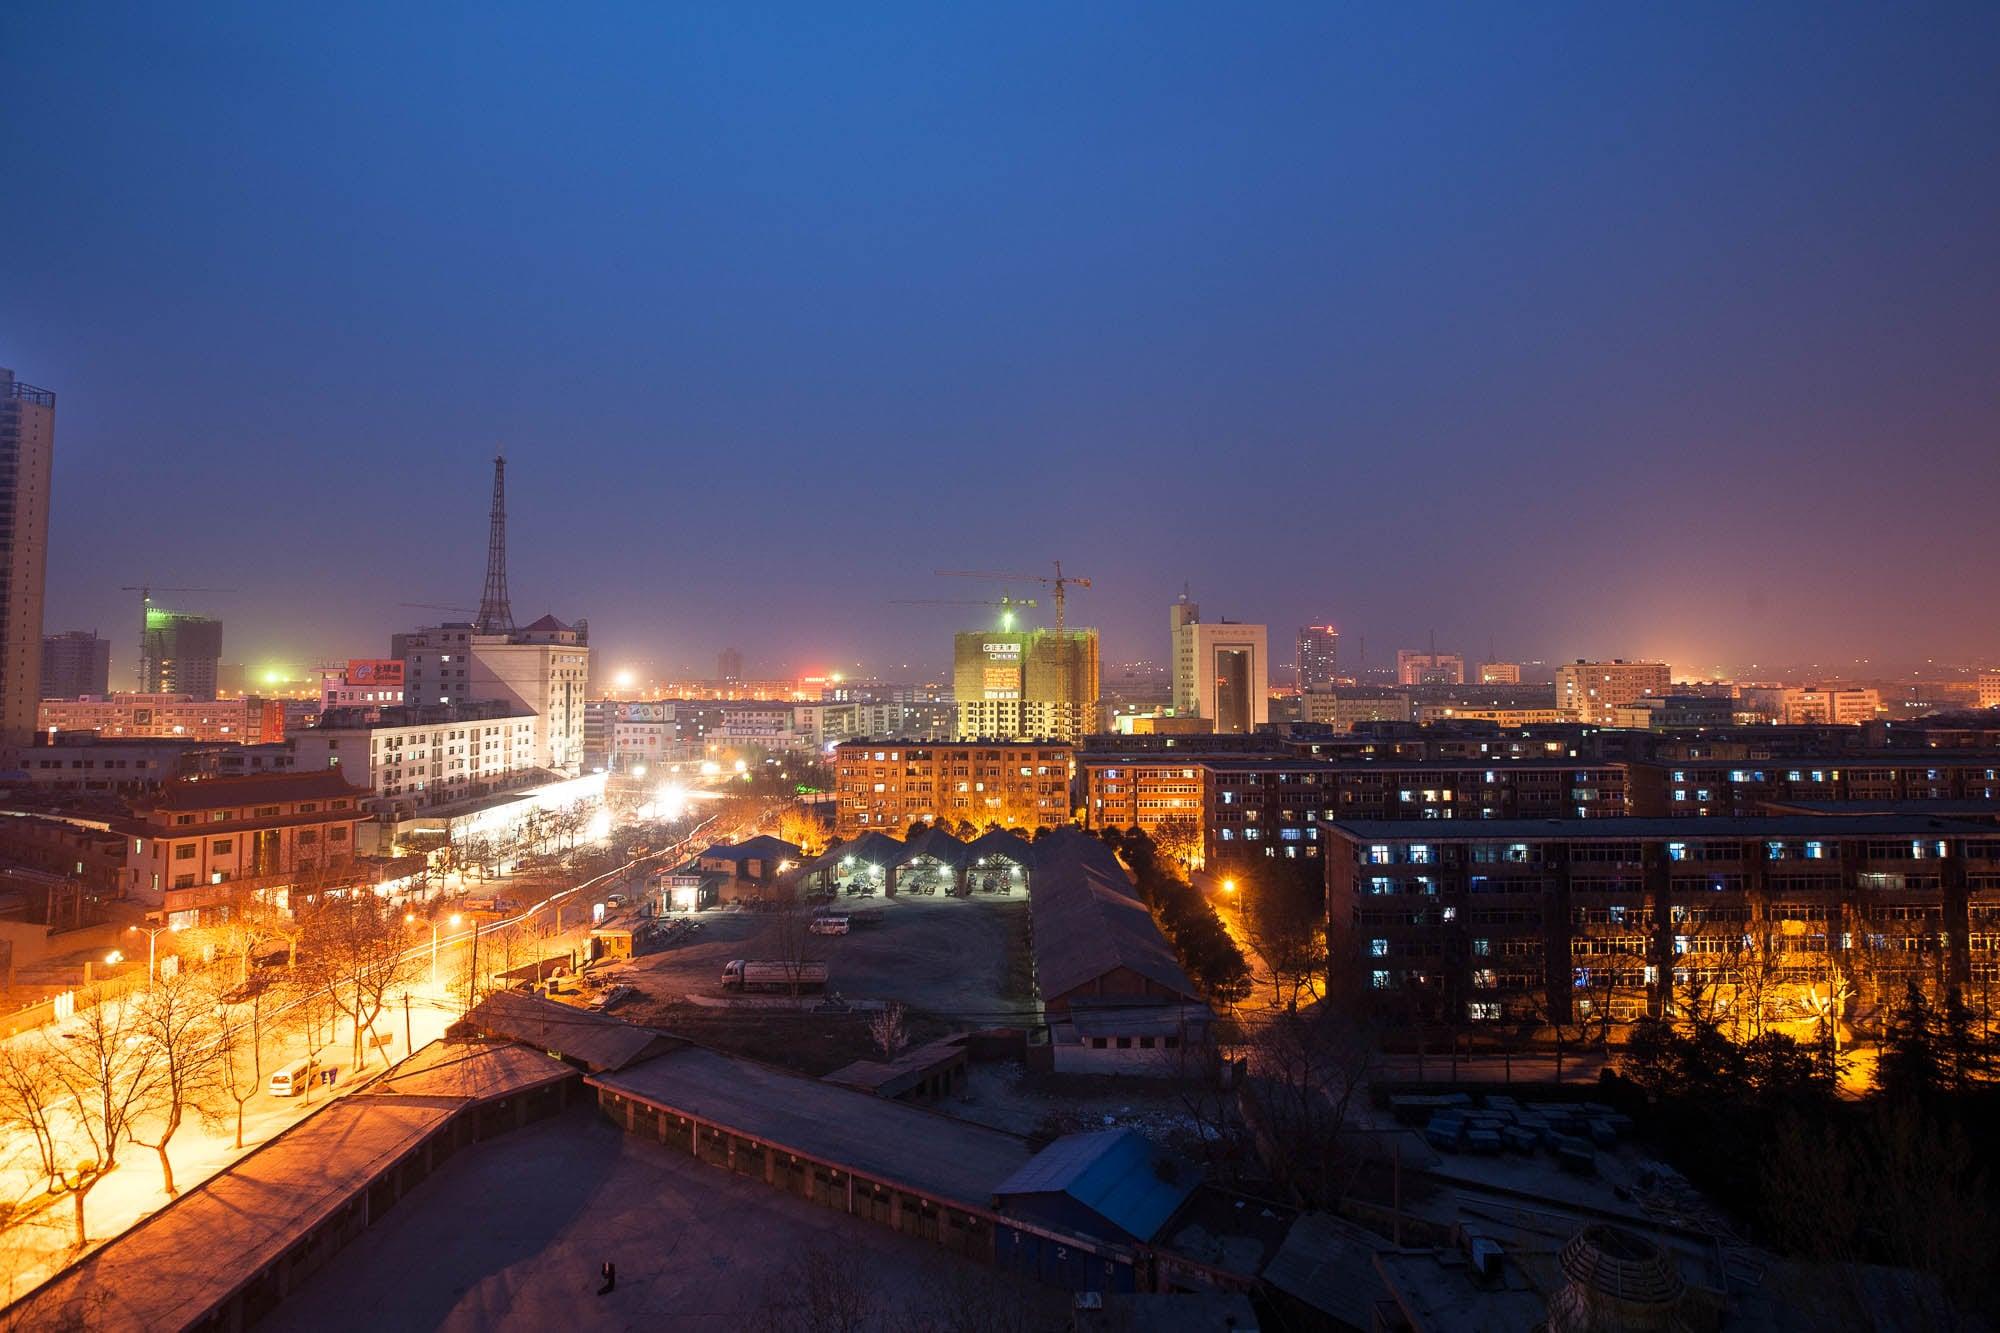 Xianyang at night